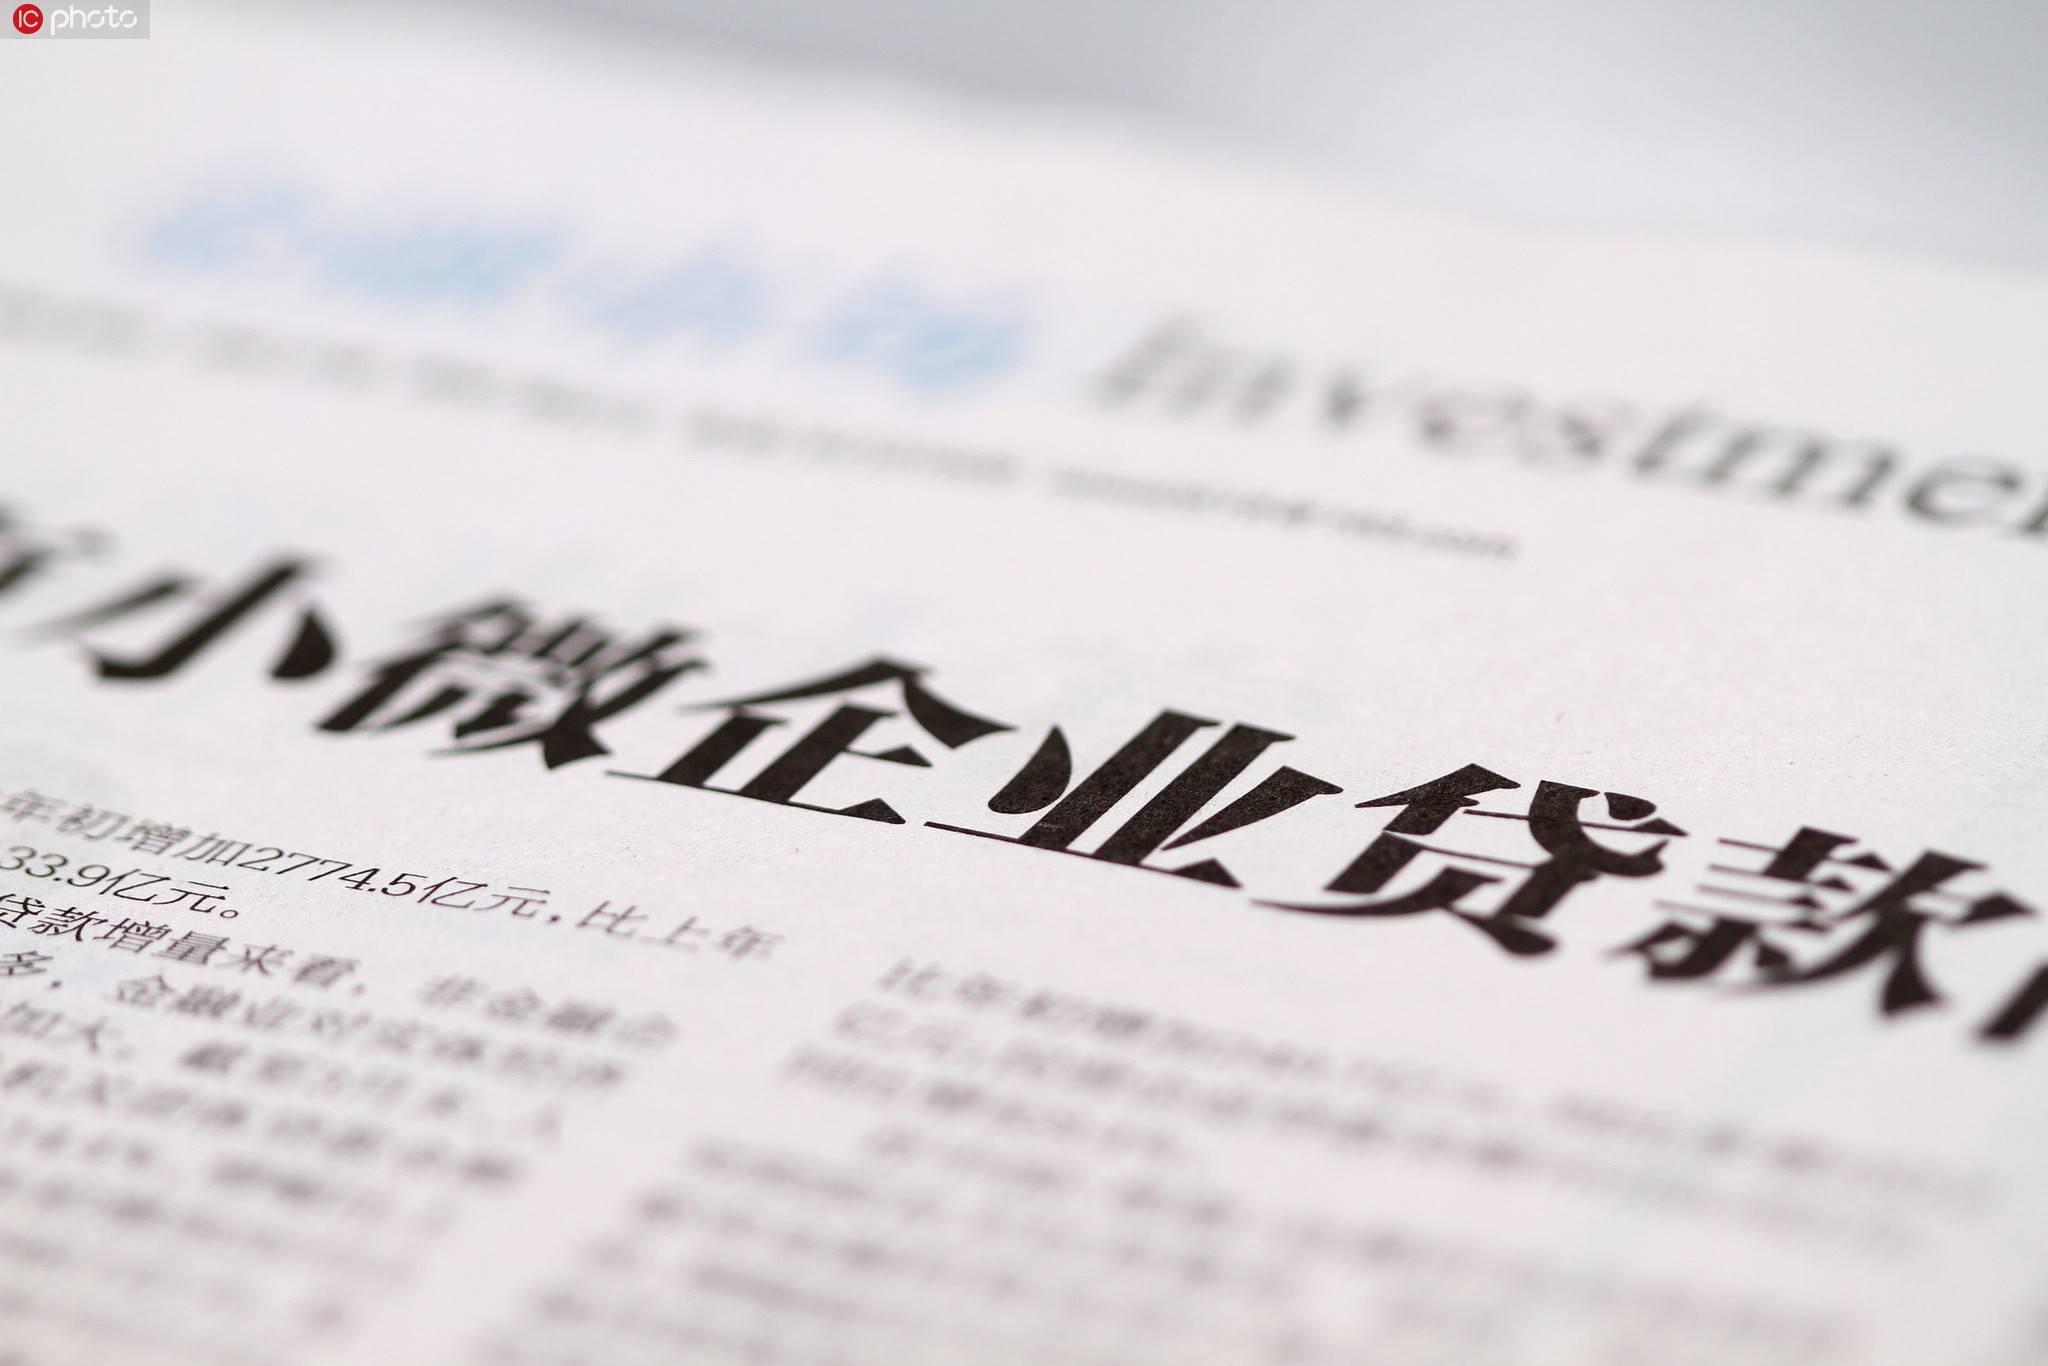 小微企业信贷的五种方法论